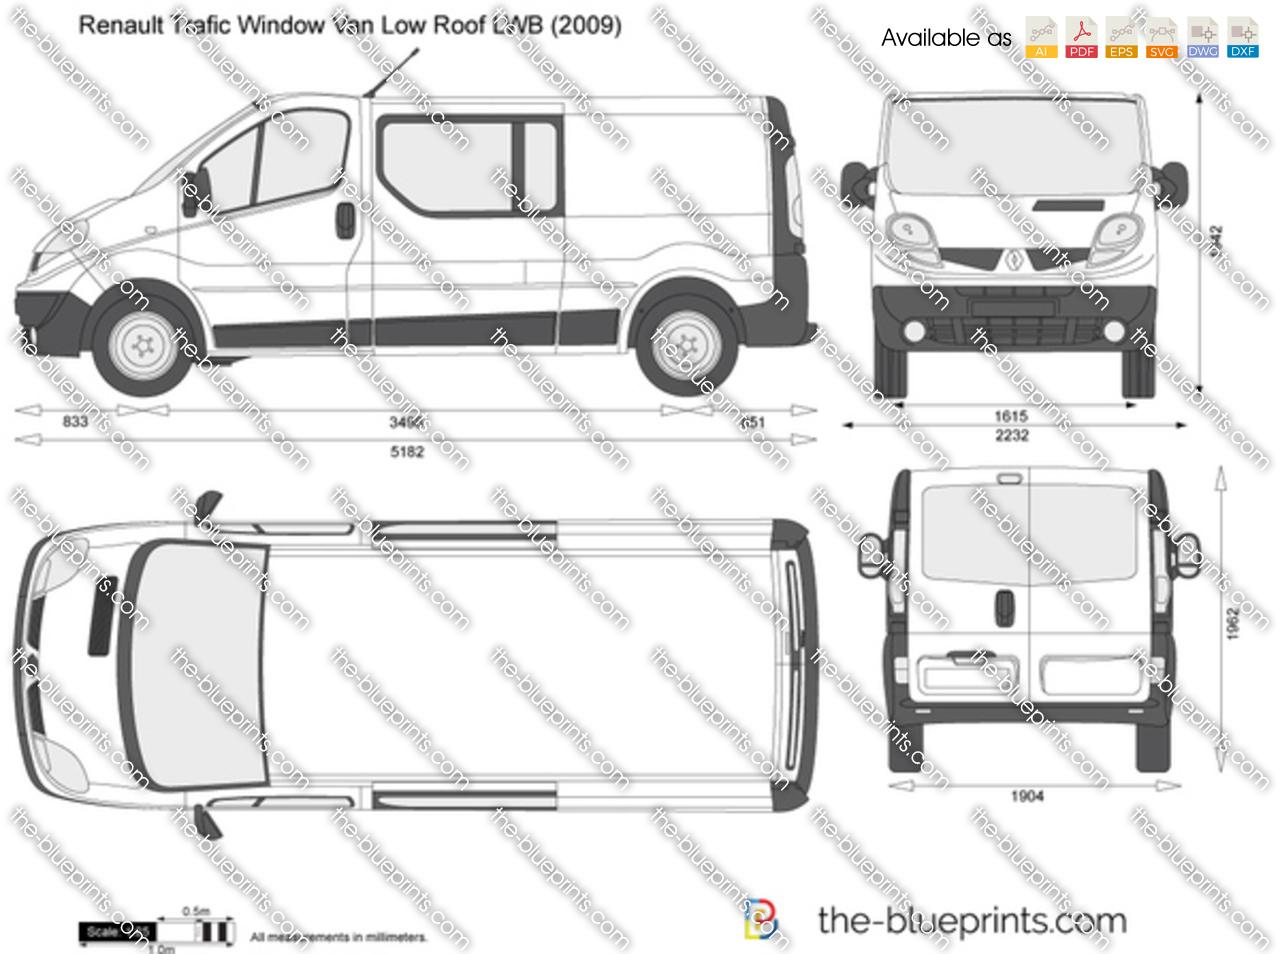 Renault Trafic Window Van Low Roof LWB 2002